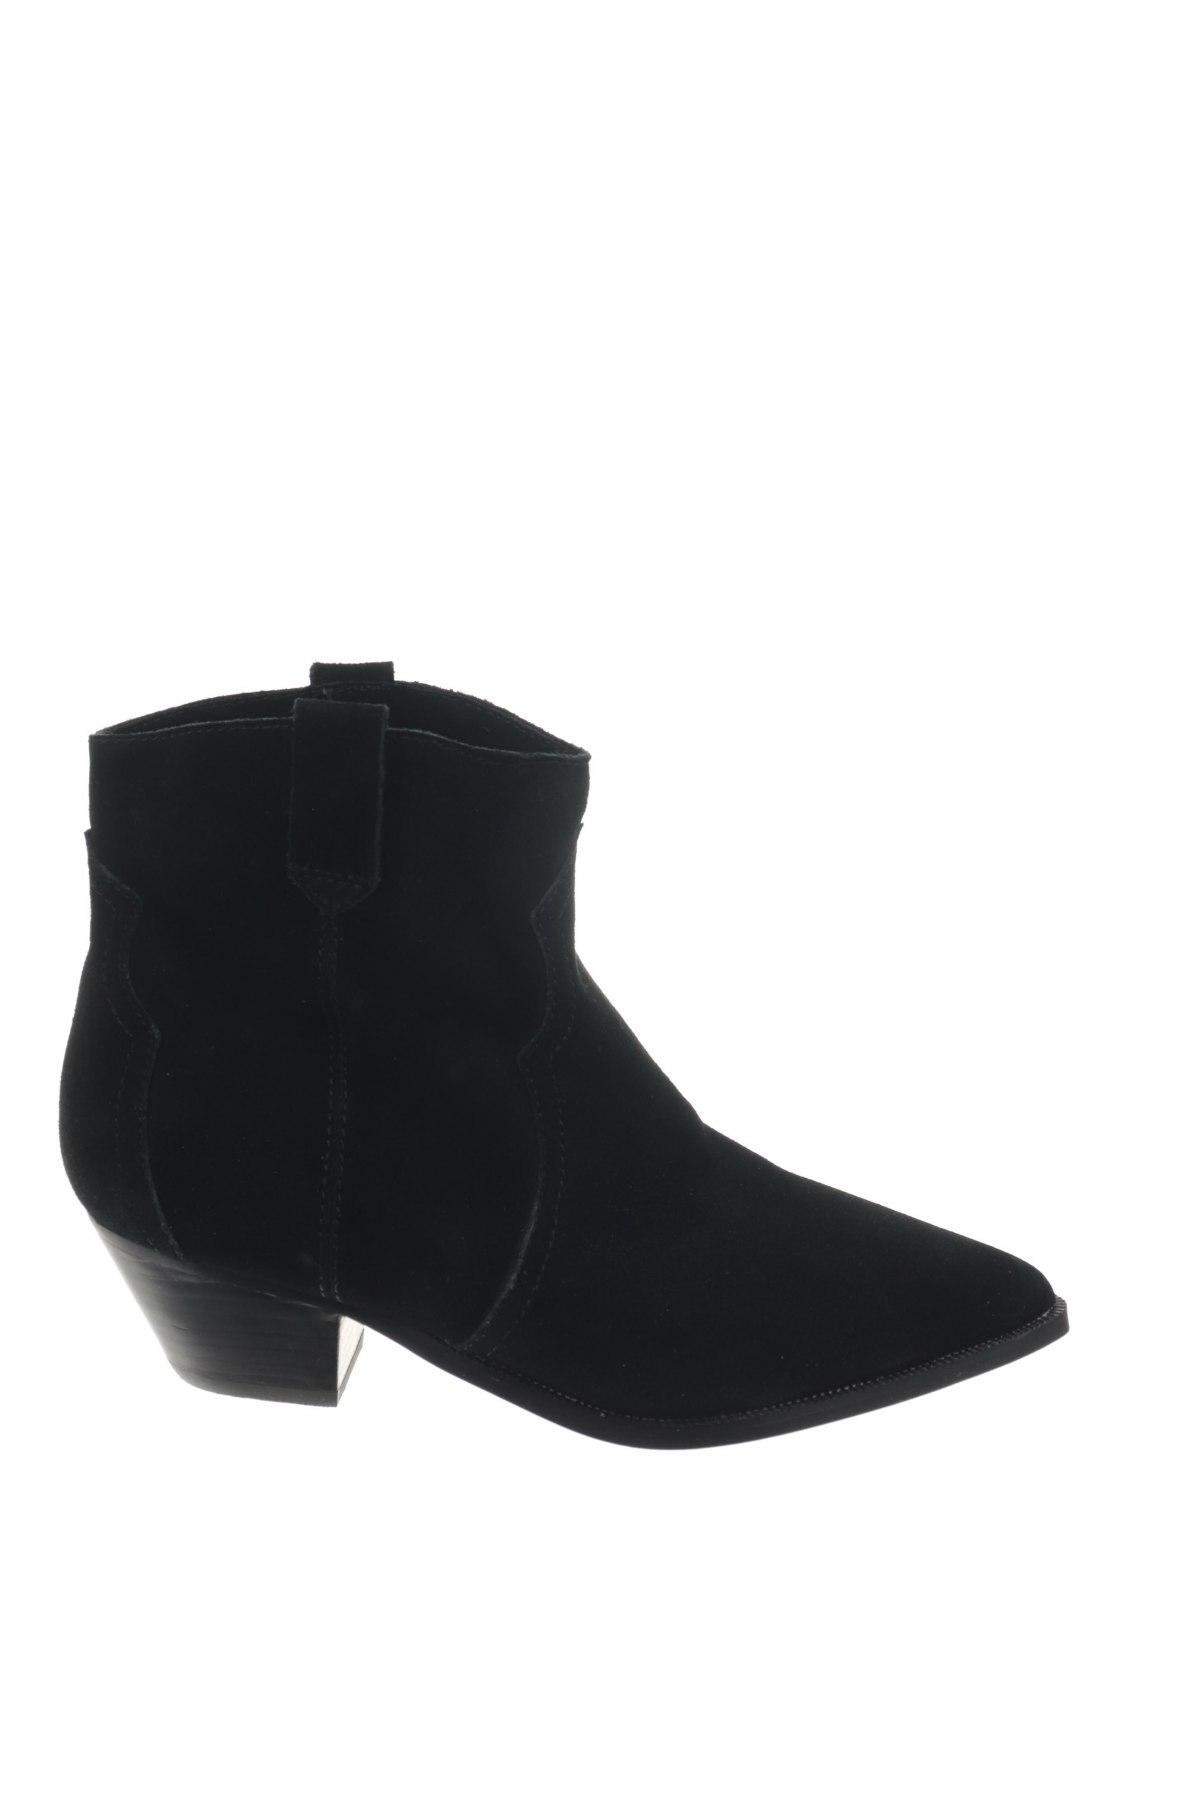 Γυναικεία μποτάκια Reserved, Μέγεθος 40, Χρώμα Μαύρο, Φυσικό σουέτ, Τιμή 12,27€